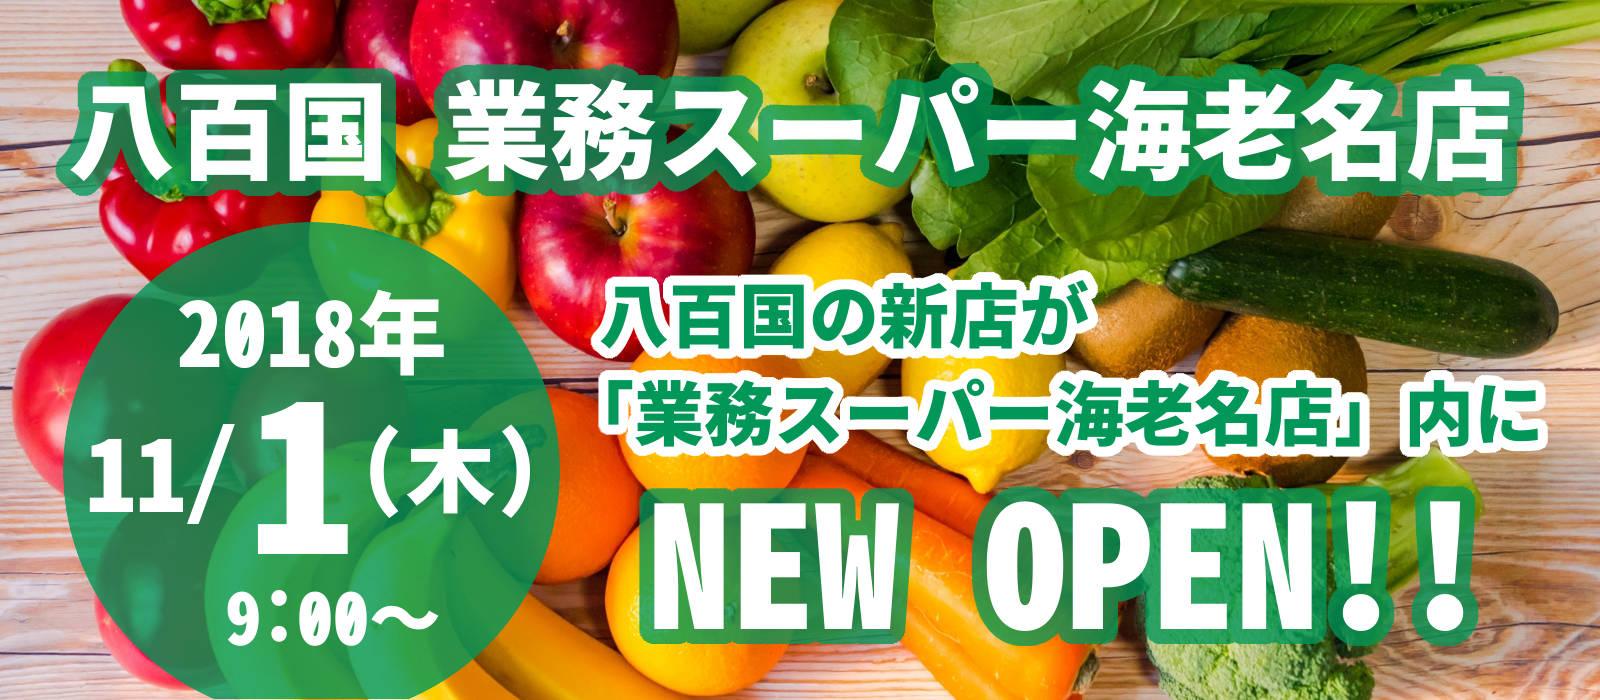 八百国 業務スーパー海老名店NEW OPEN!!